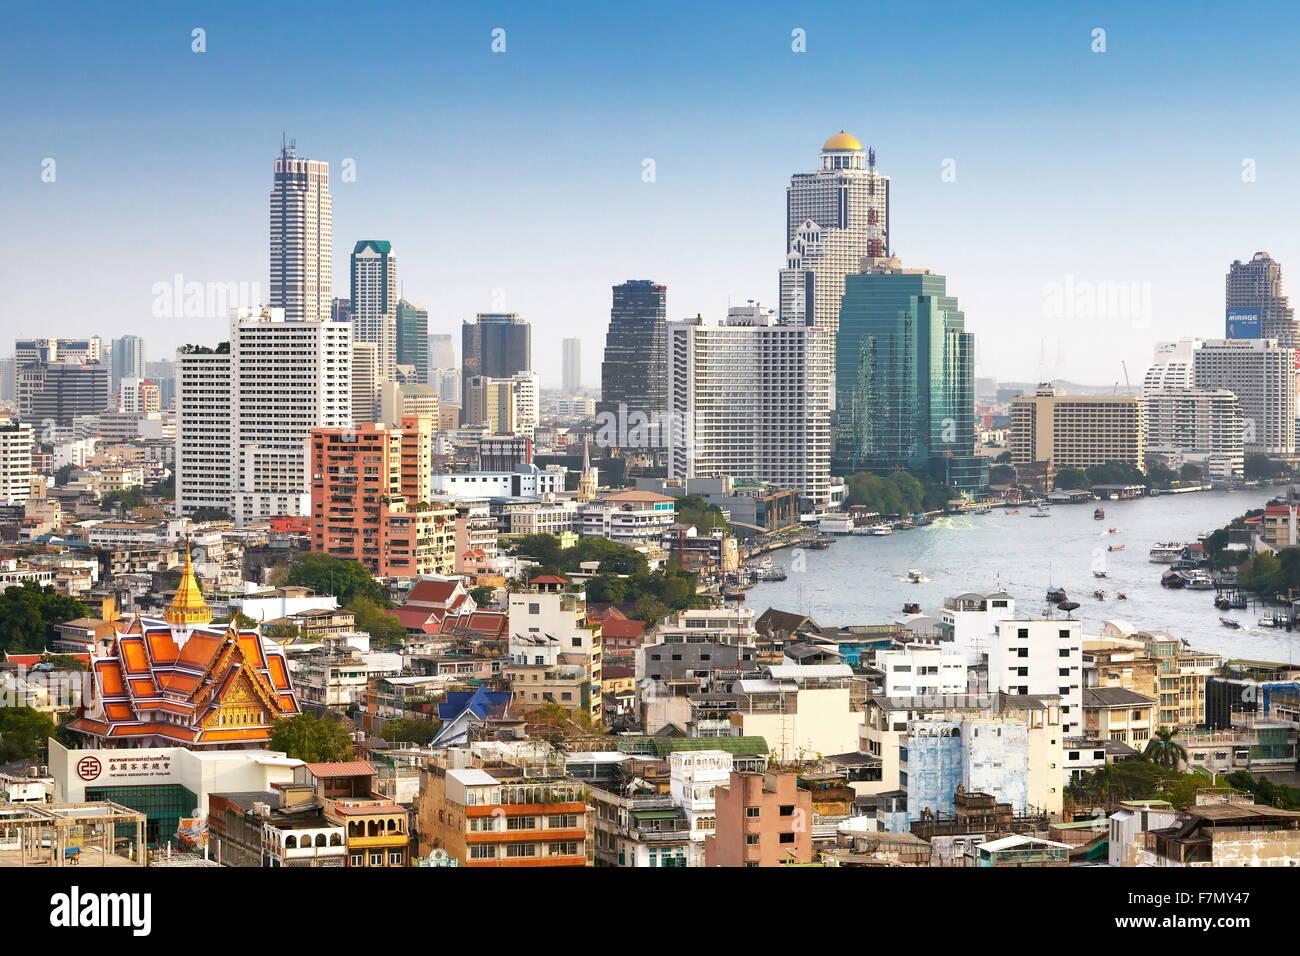 Bangkok city skyline view from The Grand China Princess Hotel, Bangkok, Thailand - Stock Image